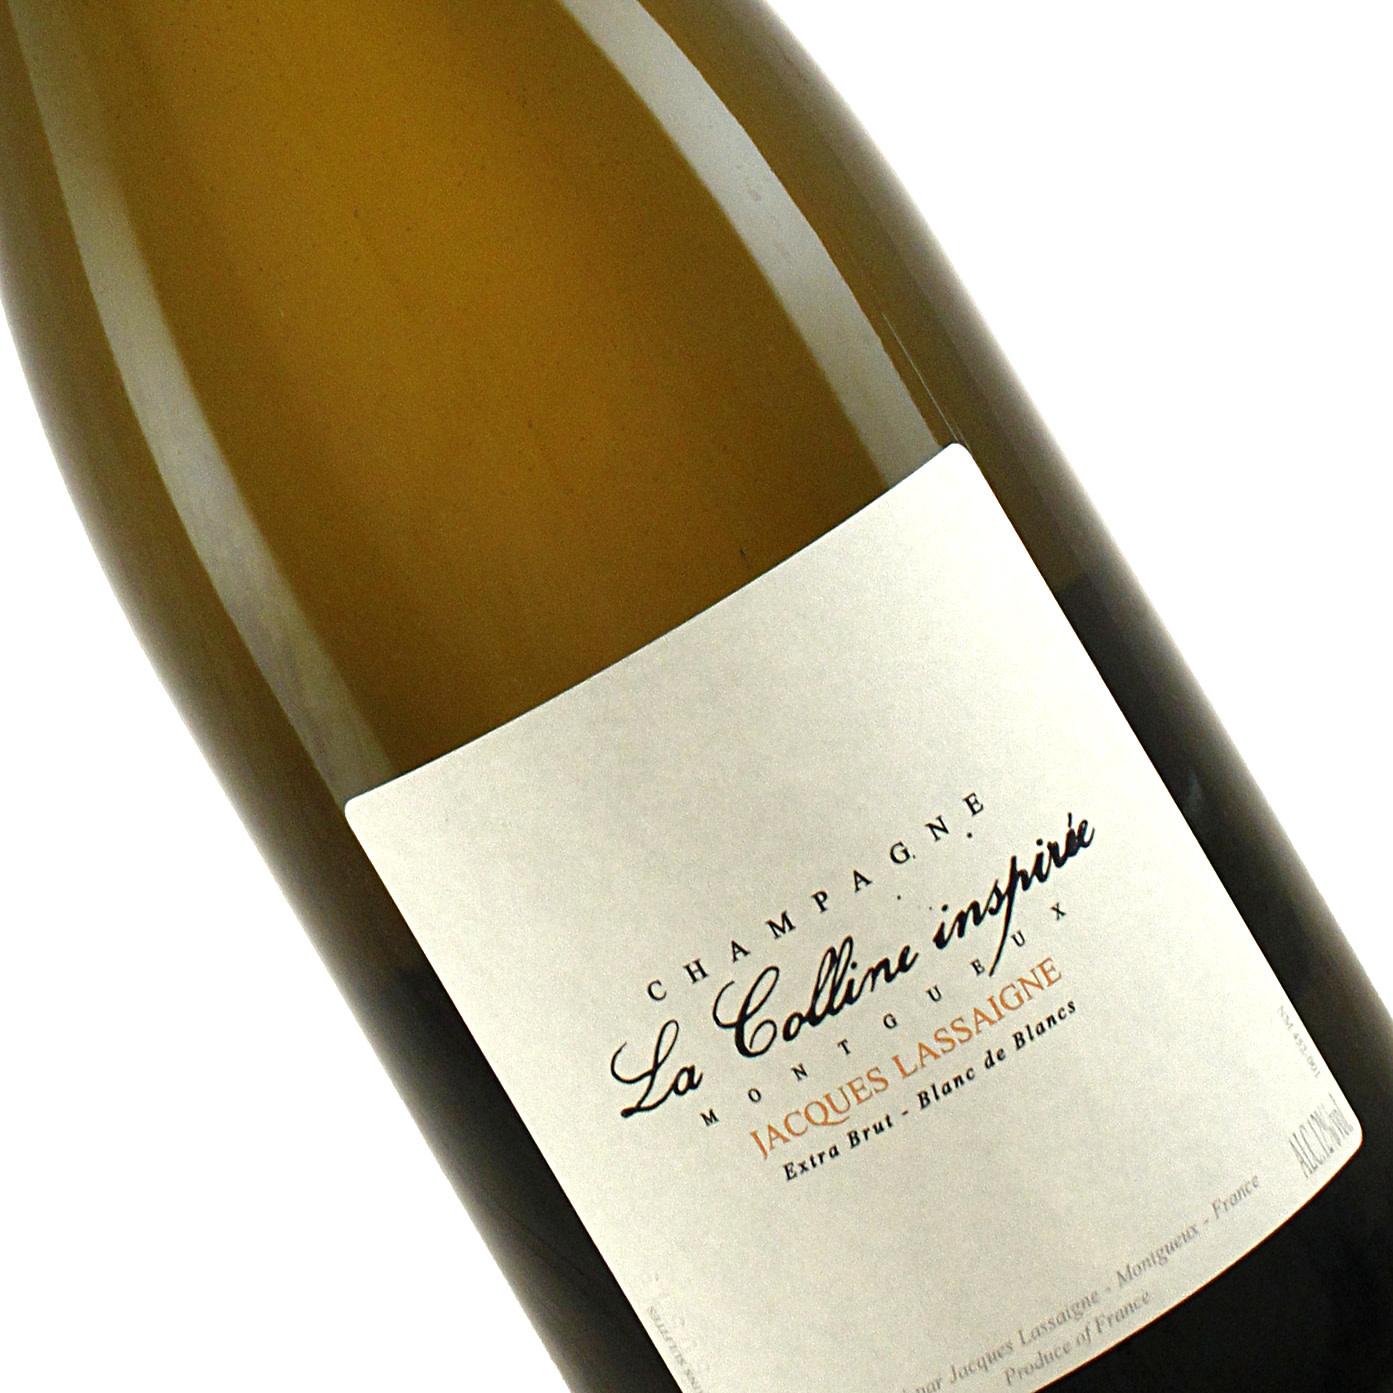 """Jacques Lassaigne N.V. Champagne Extra Brut Blanc de Blancs """"La Colline Inspirie"""", Montgueux, Aube"""